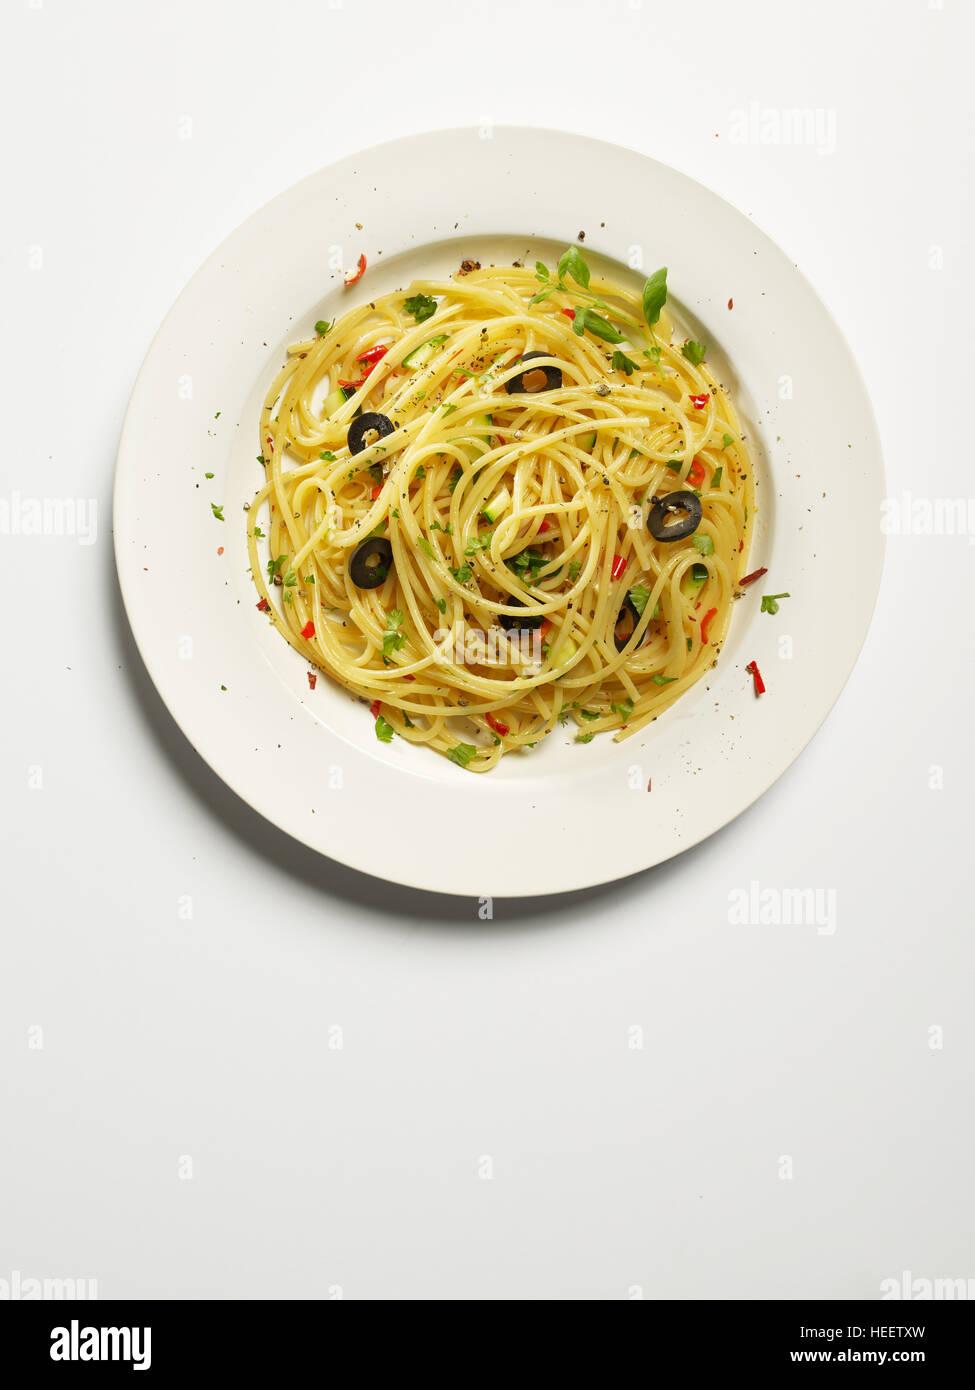 Spaghetti A L Ail Poivrons Rouges Huile D Olive Les Courgettes